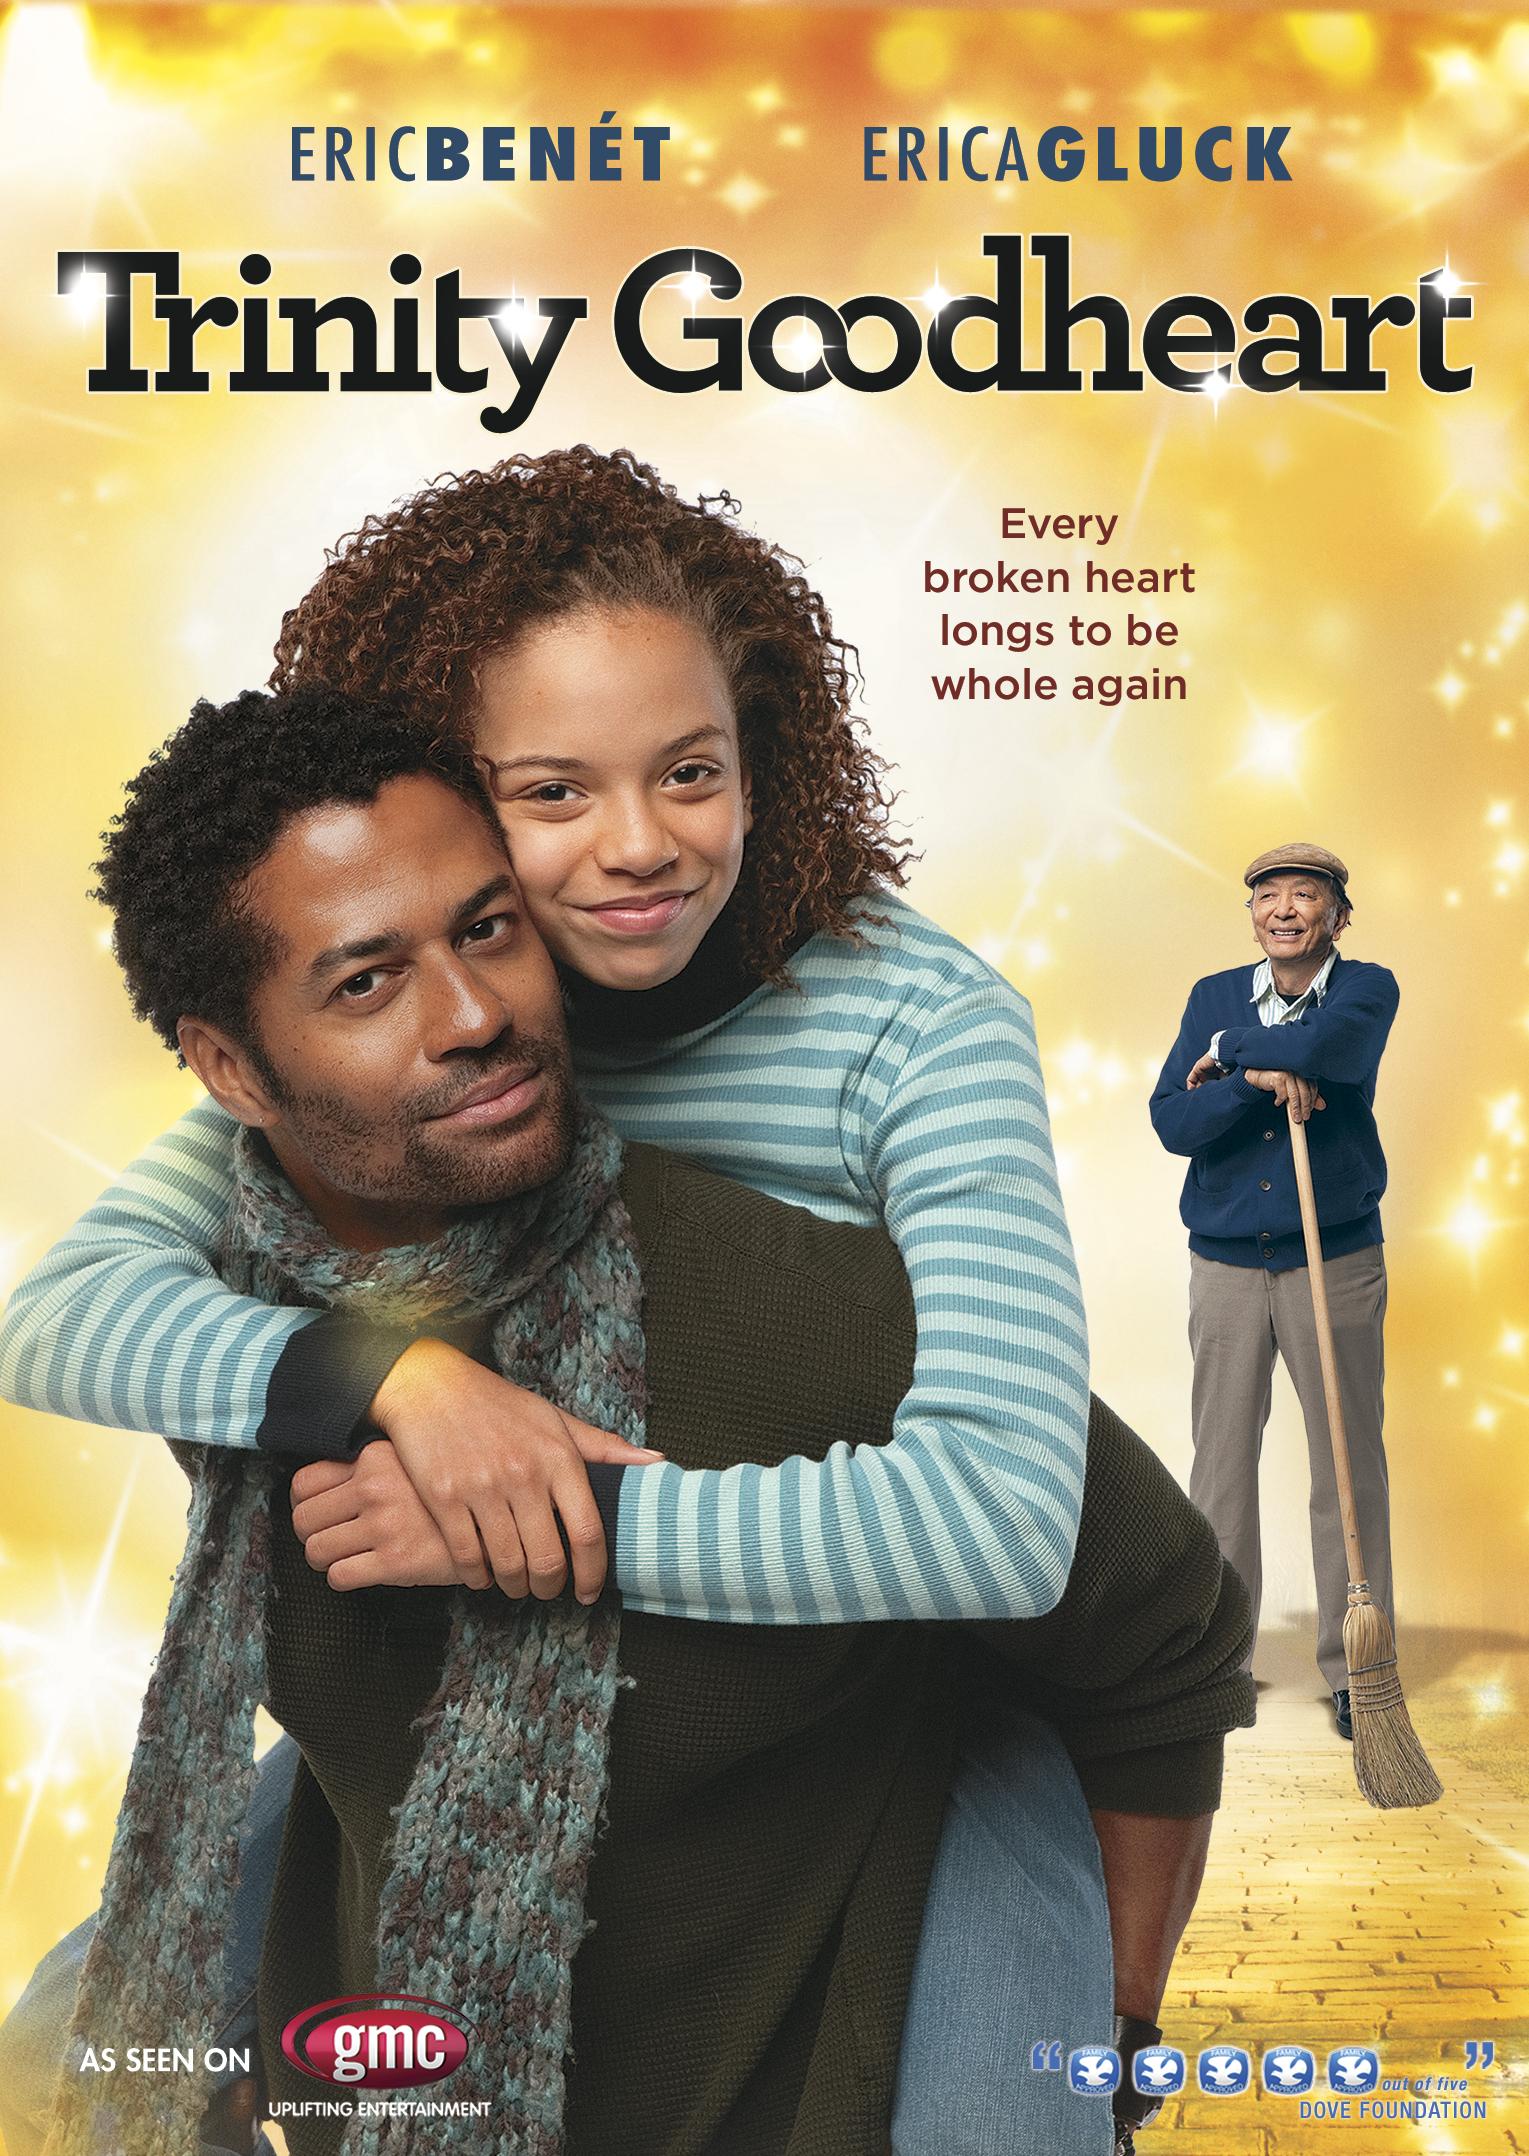 TRINITY_GOODHEART_HIC.jpg